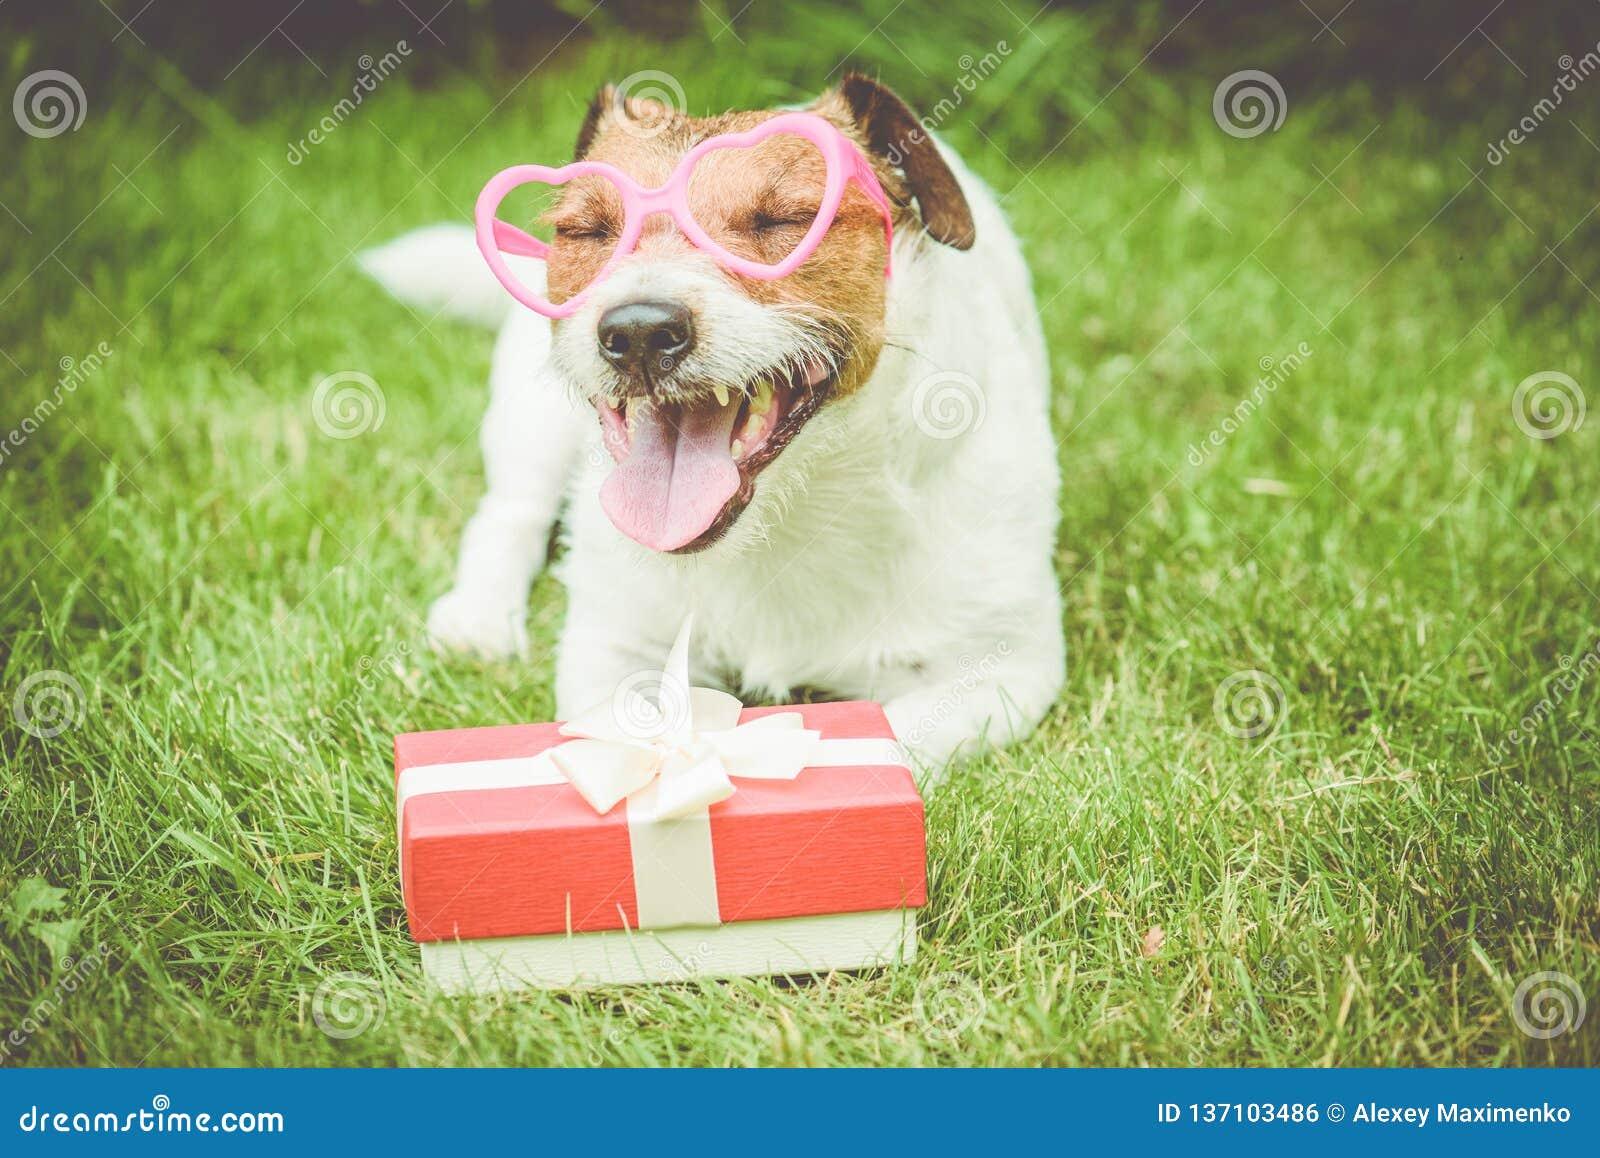 情人节在愉快的狗佩带的心形的玻璃旁边的礼物盒